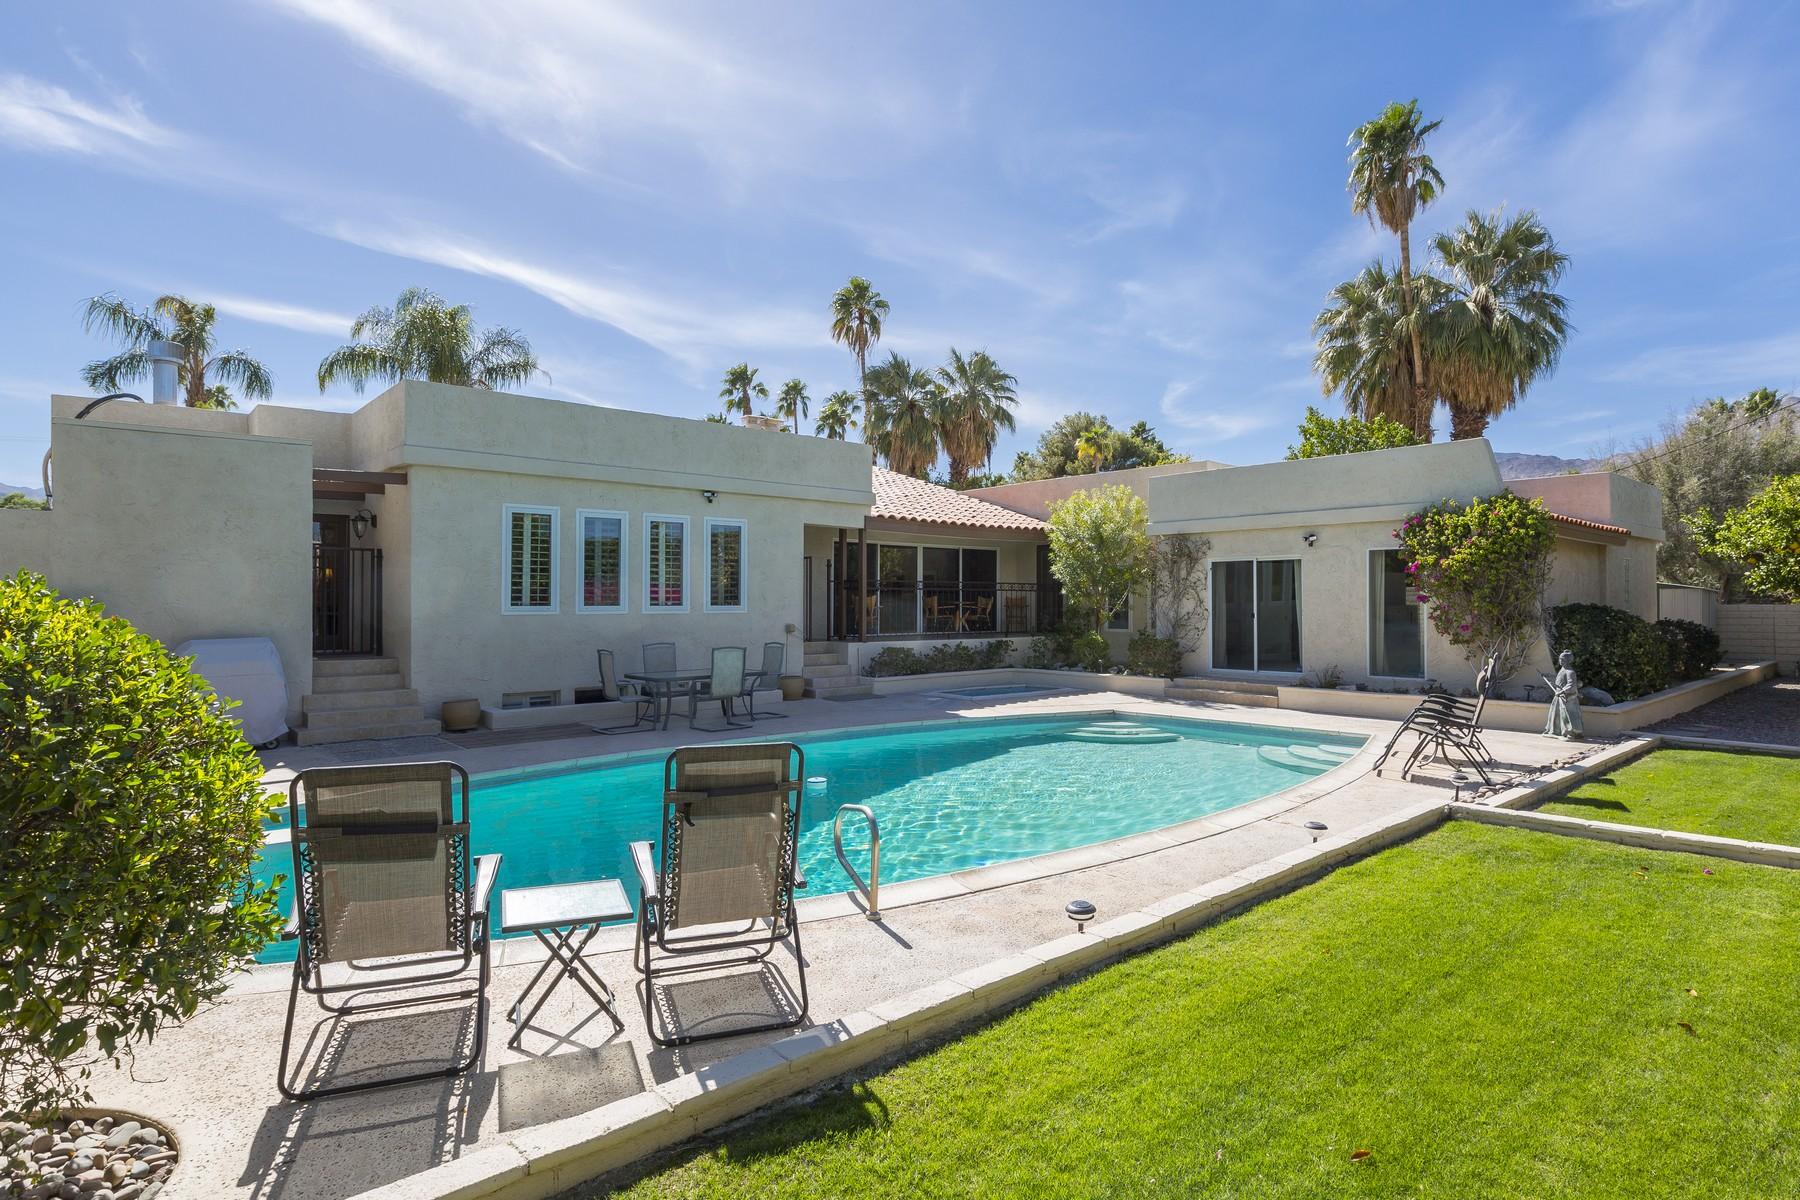 단독 가정 주택 용 매매 에 73086 Willow Street Palm Desert, 캘리포니아, 92260 미국